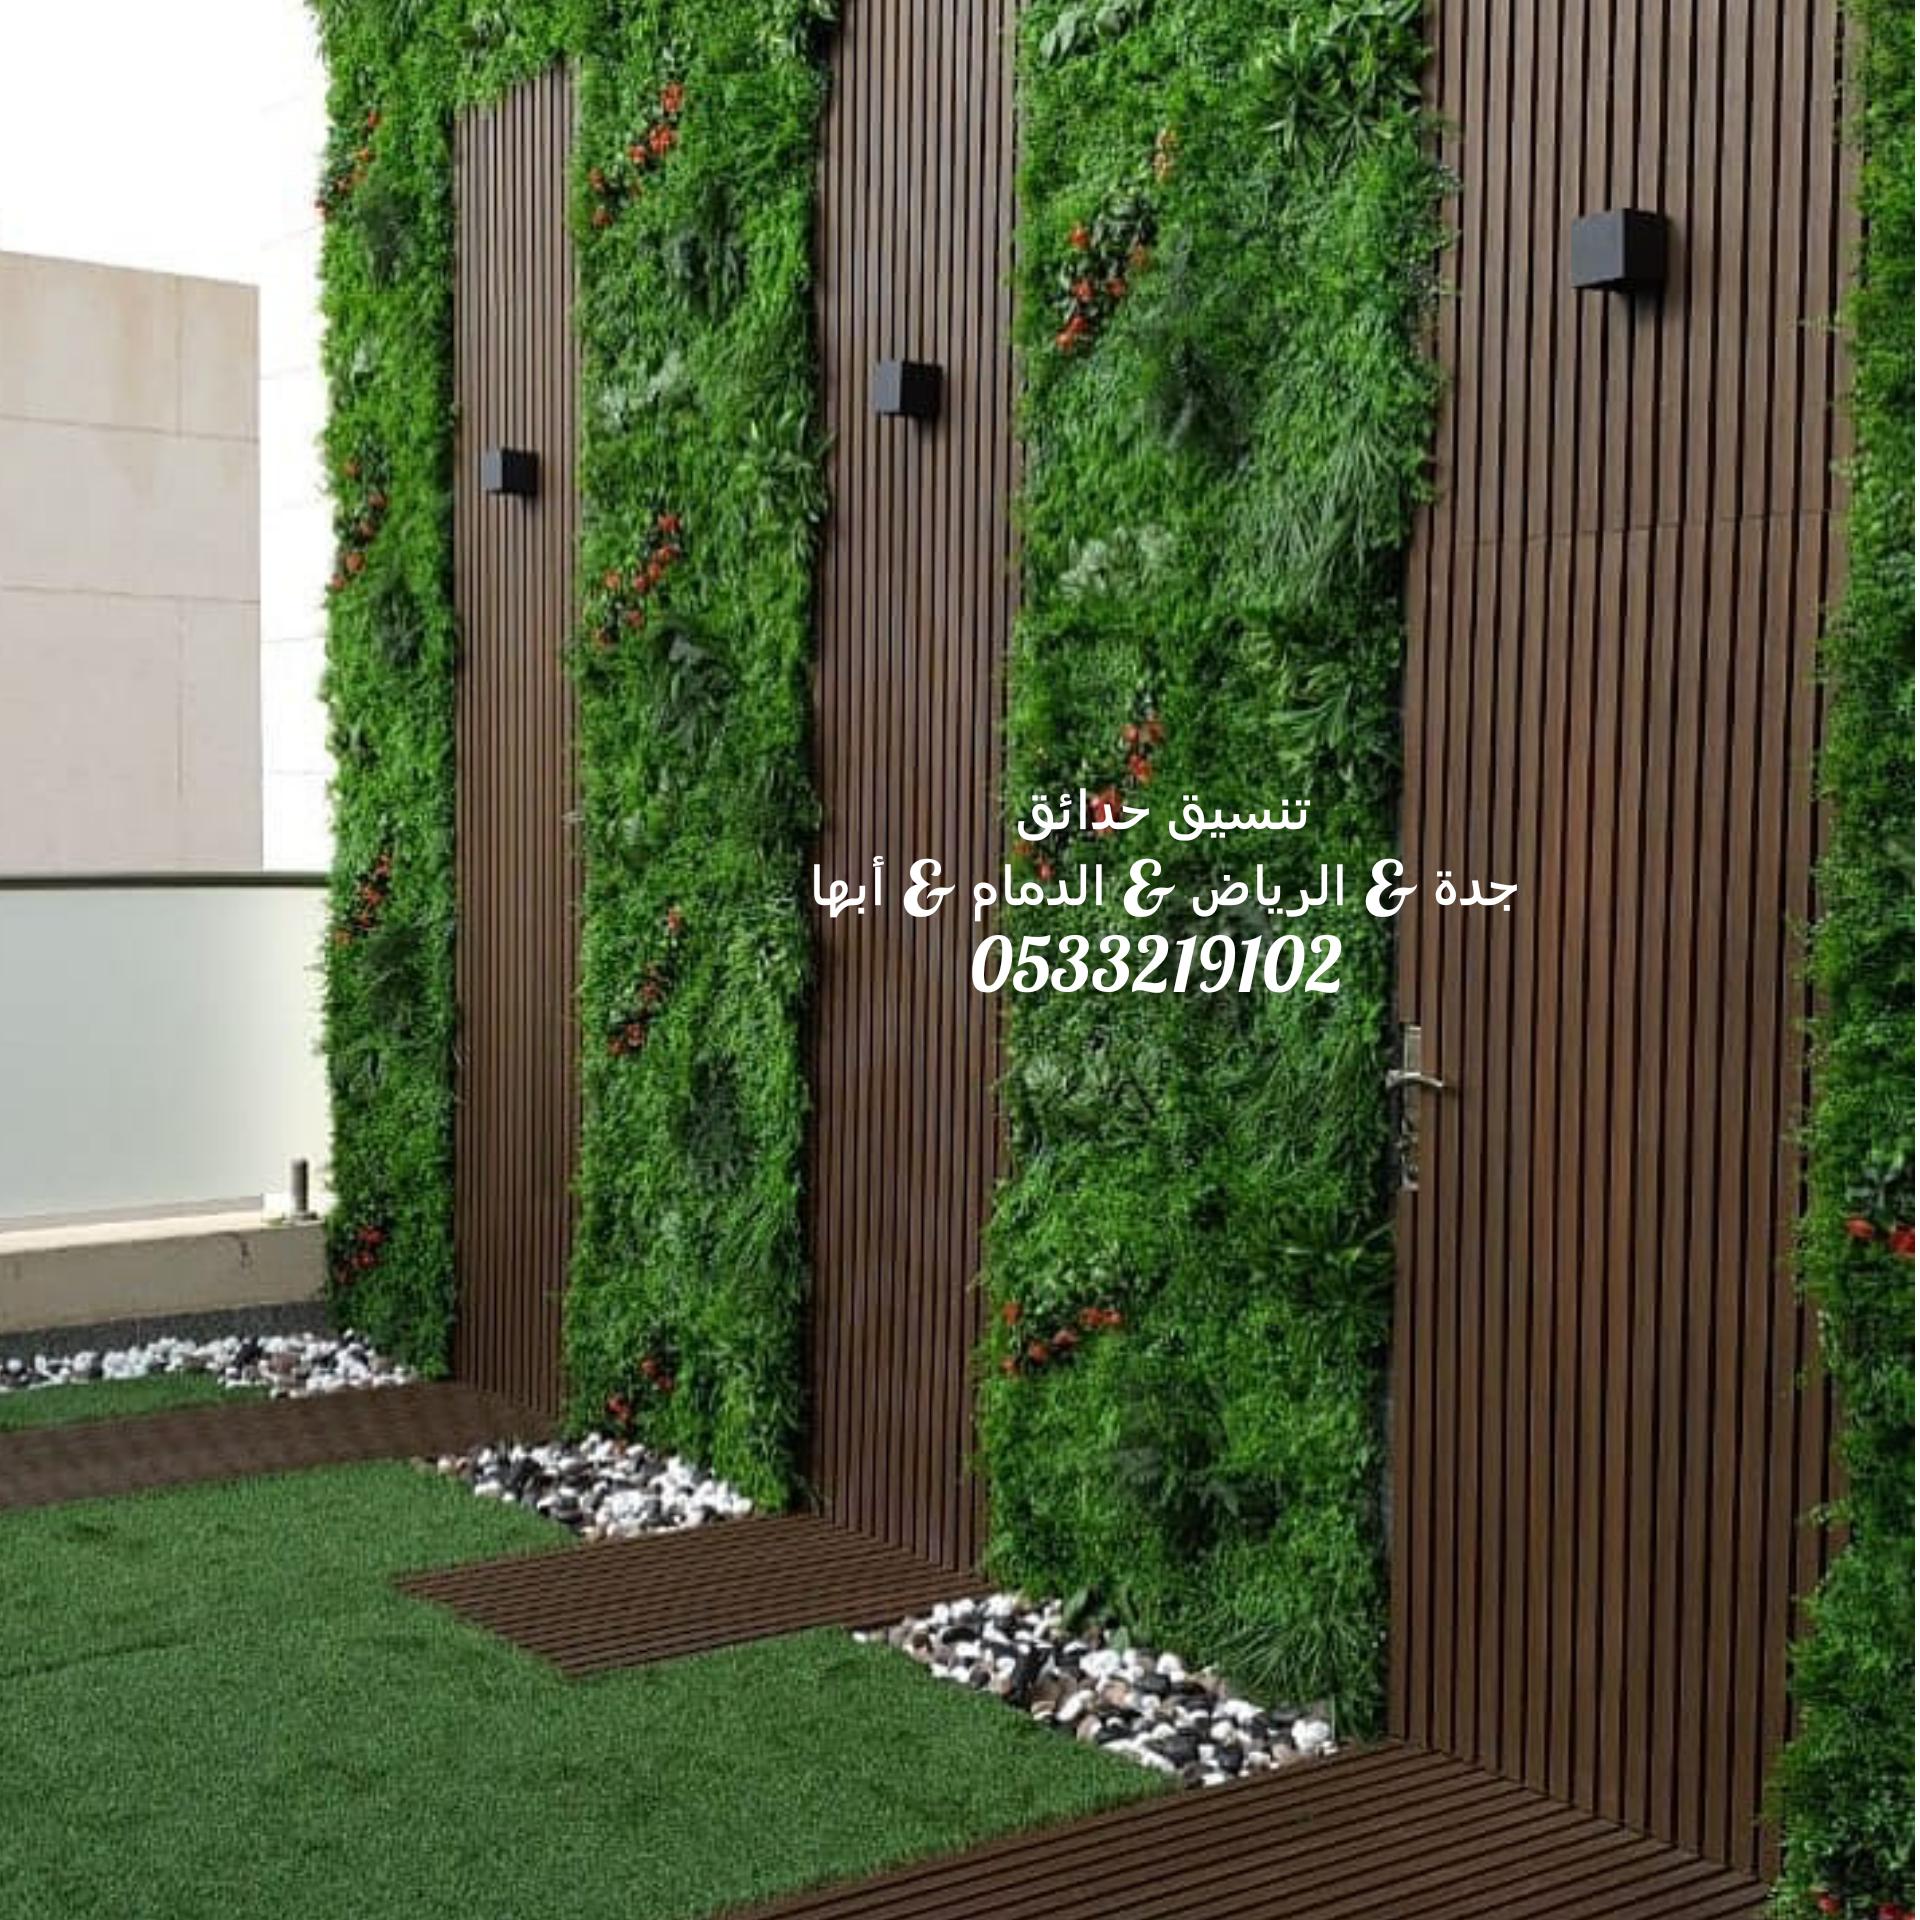 تنسيق حدائق عشب صناعى السعودية تركيب مظلات تصميم شلالات